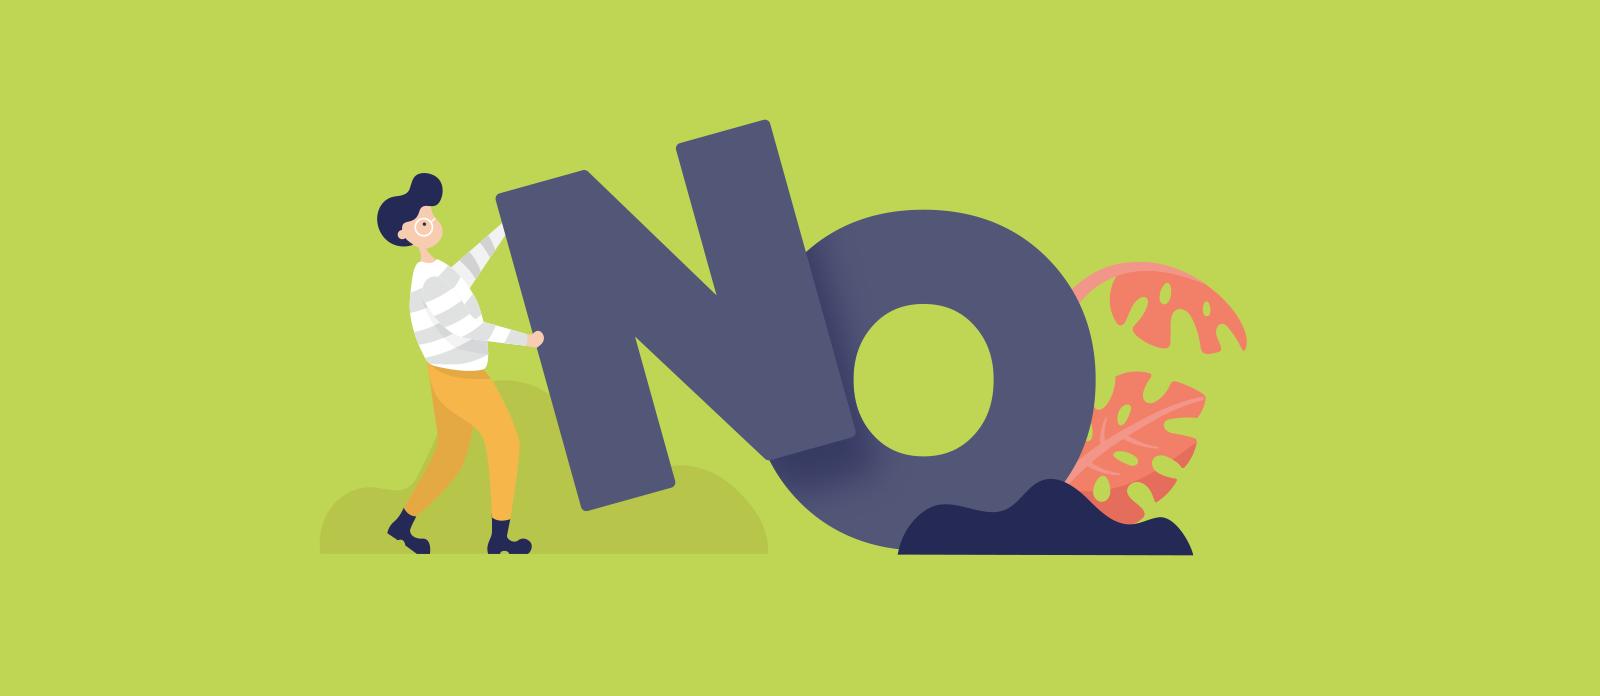 """Đừng mãi nói """"No""""! - Cách nói không trong tiếng Anh"""